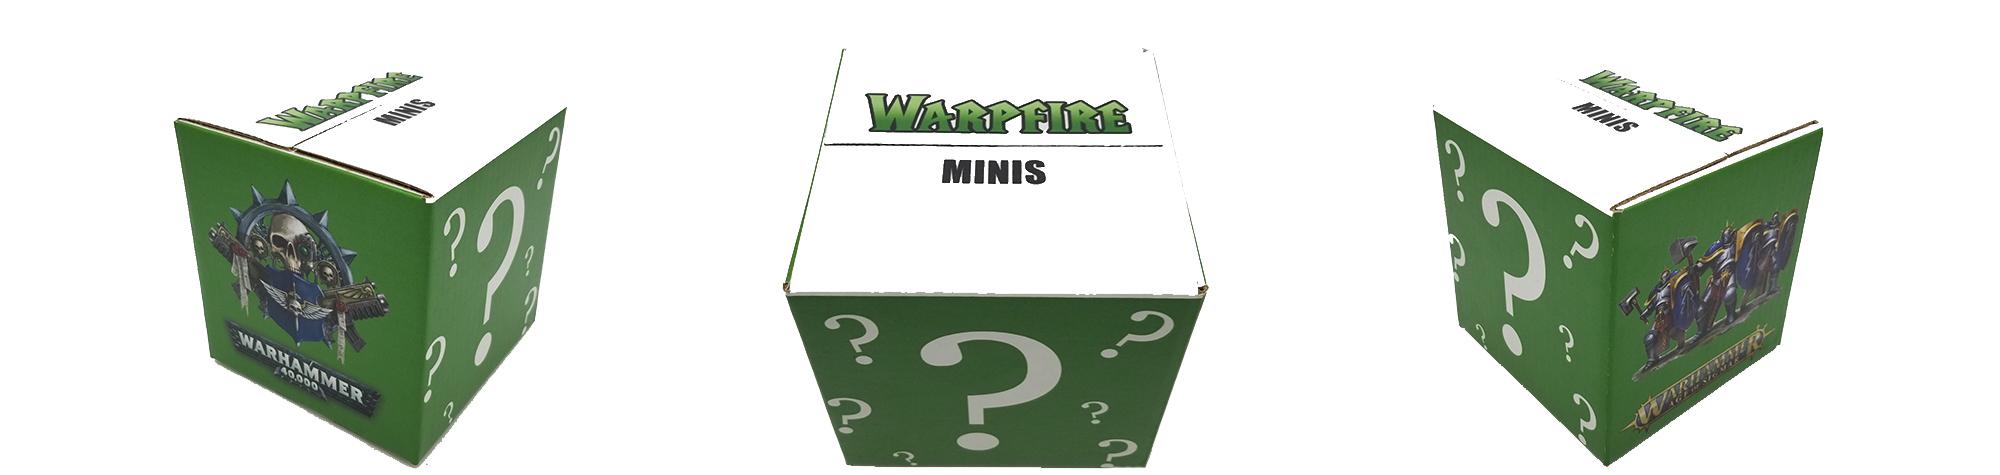 boxes-skinny.jpg